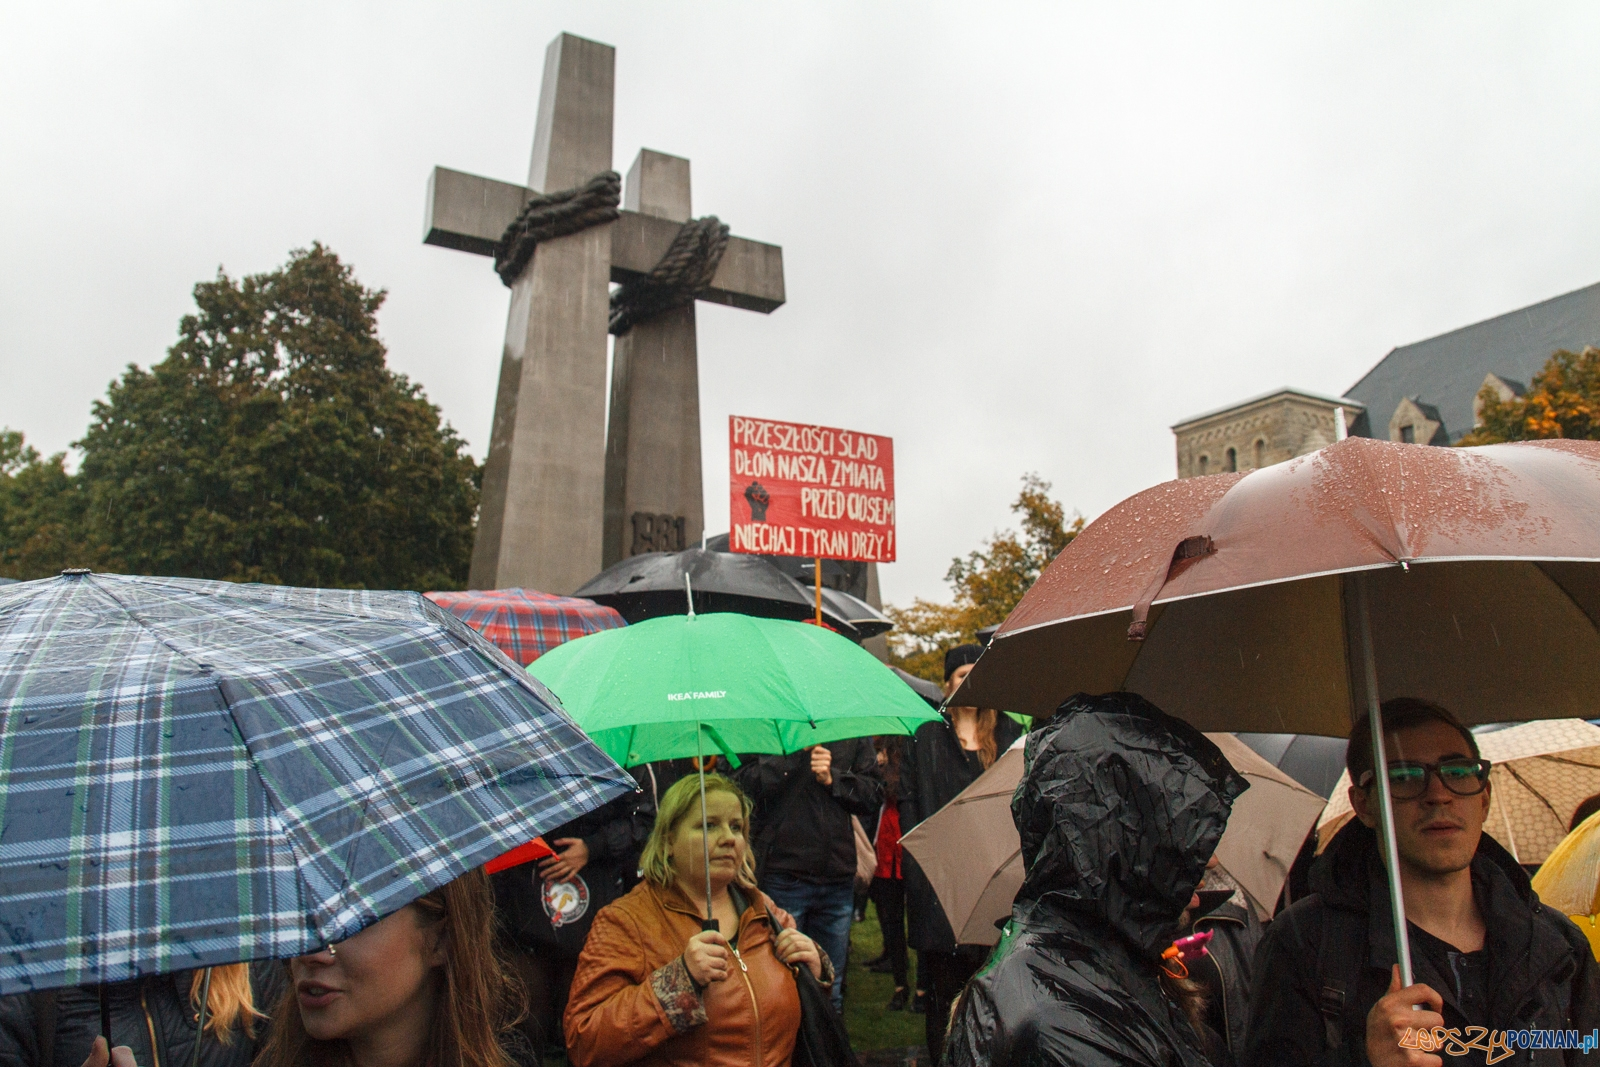 Czarny protest - Plac Mickiewicza Poznań 03.10.2016 r.  Foto: LepszyPOZNAN.pl / Paweł Rychter